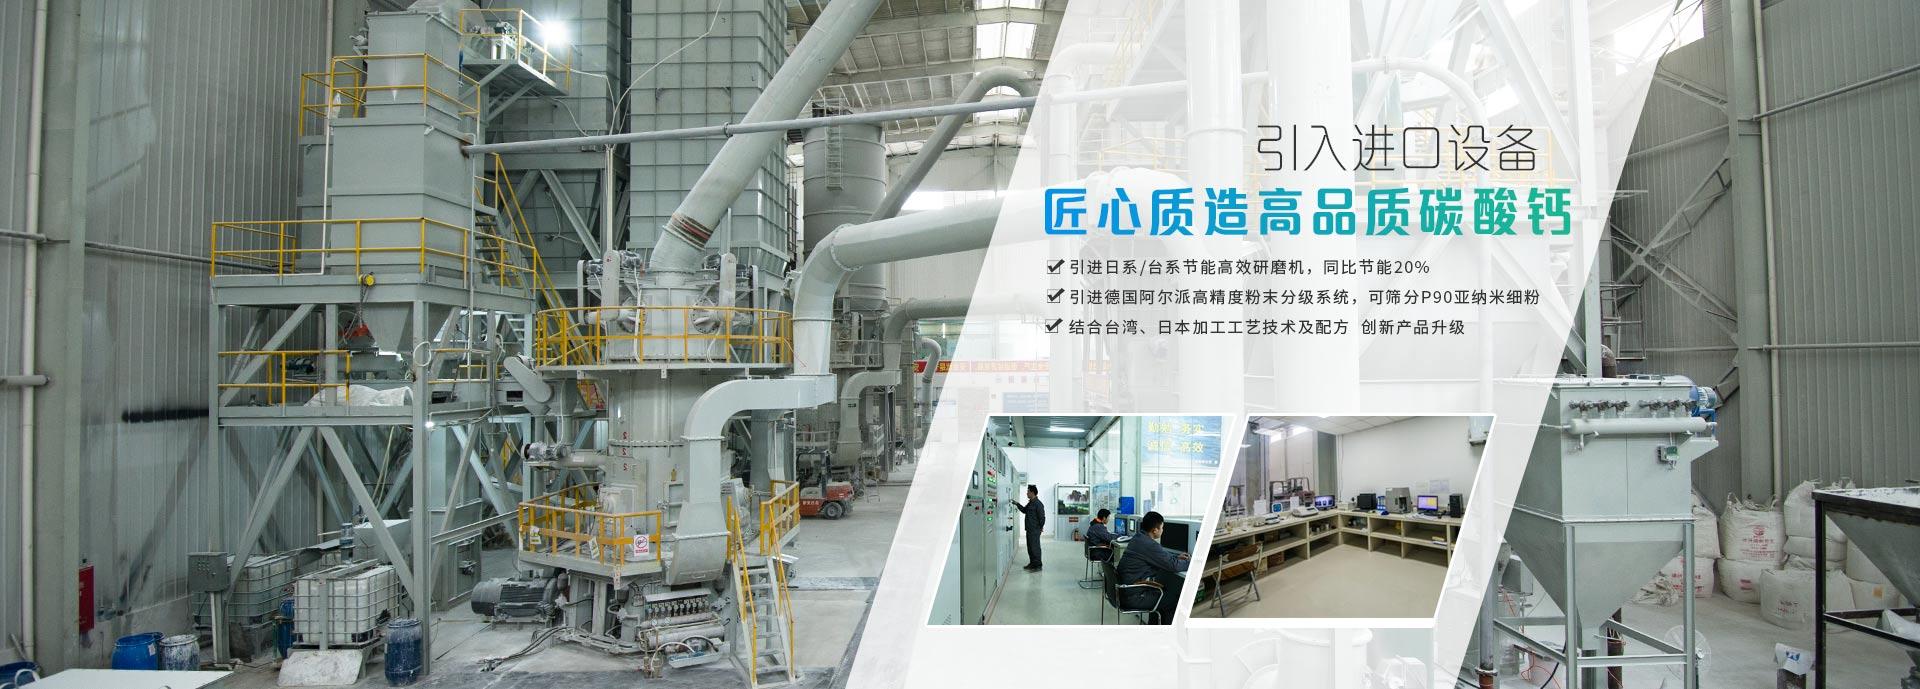 盛朗白石-引入进口设备,匠心质造高品质碳酸钙